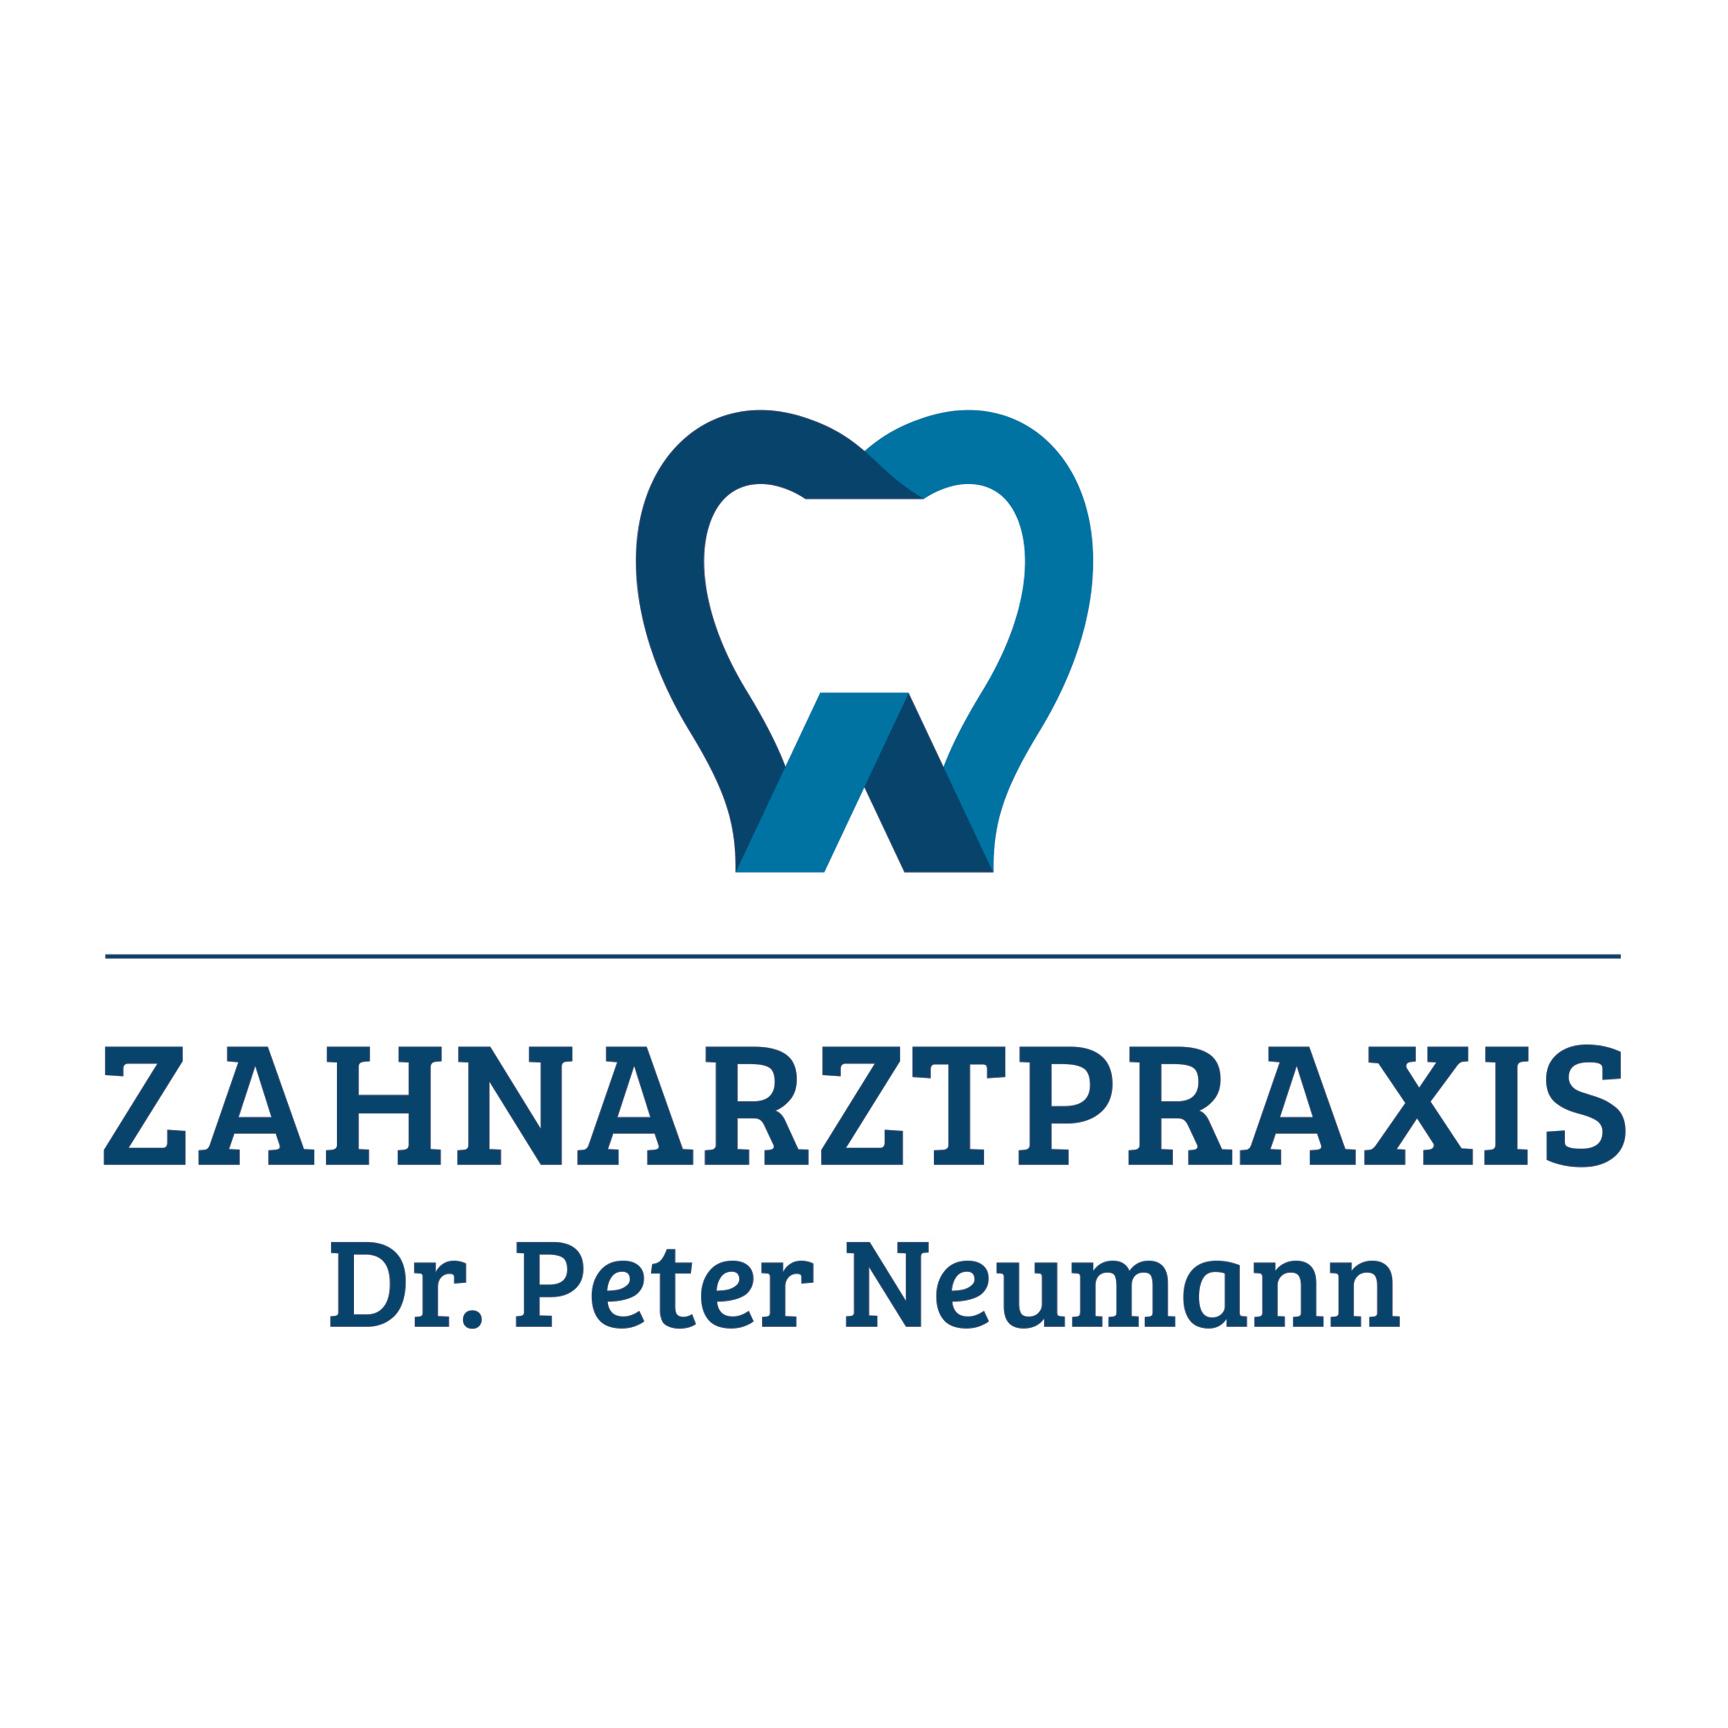 Zahnarztpraxis Dr. Peter Neumann